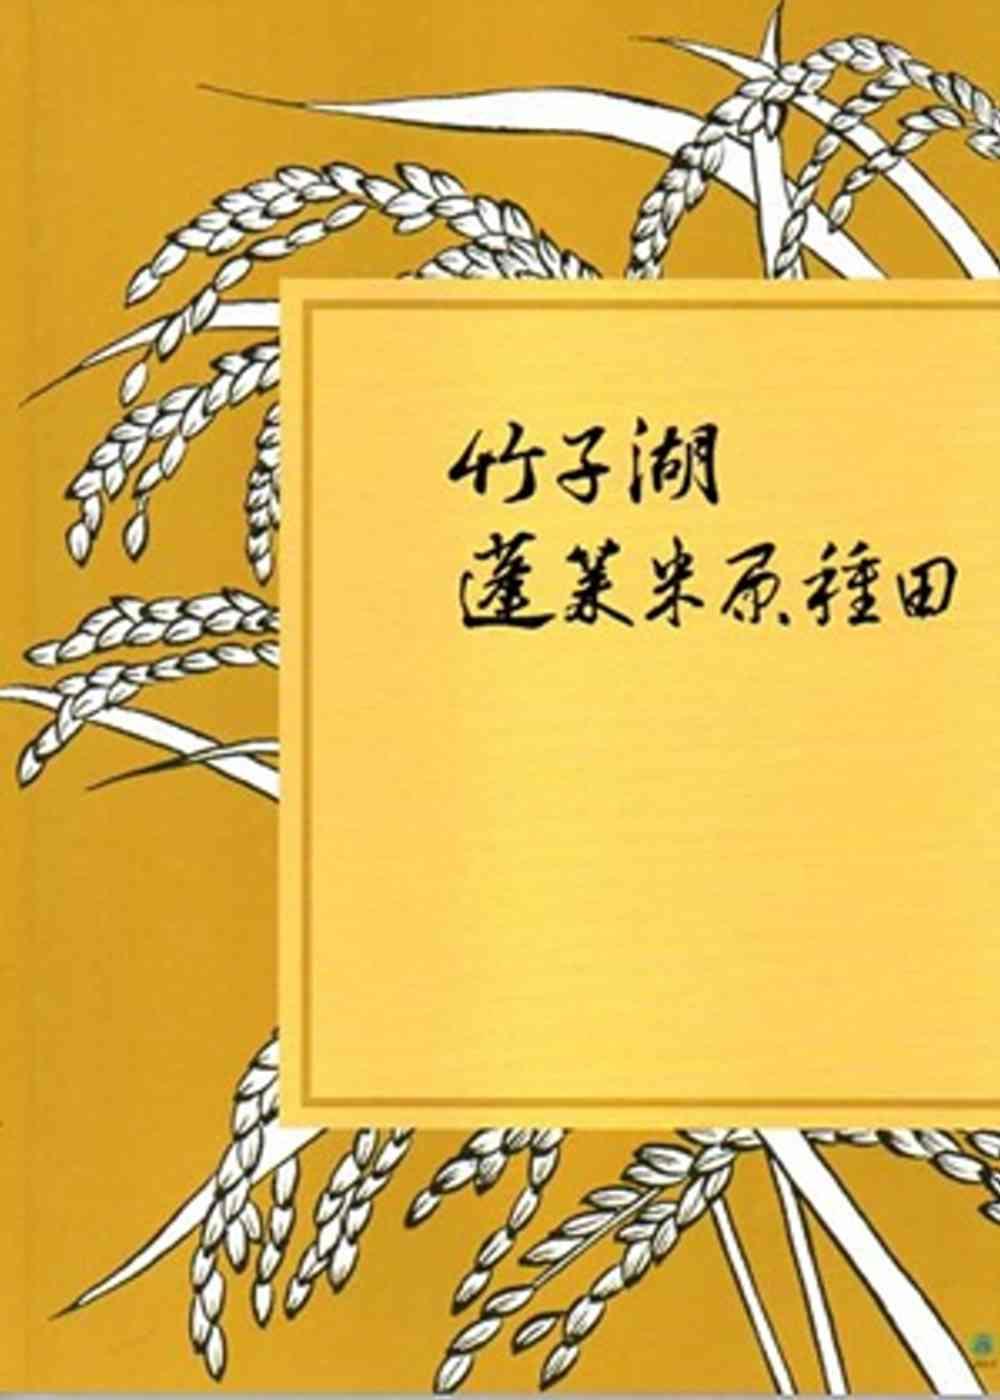 竹子湖蓬萊米原種田